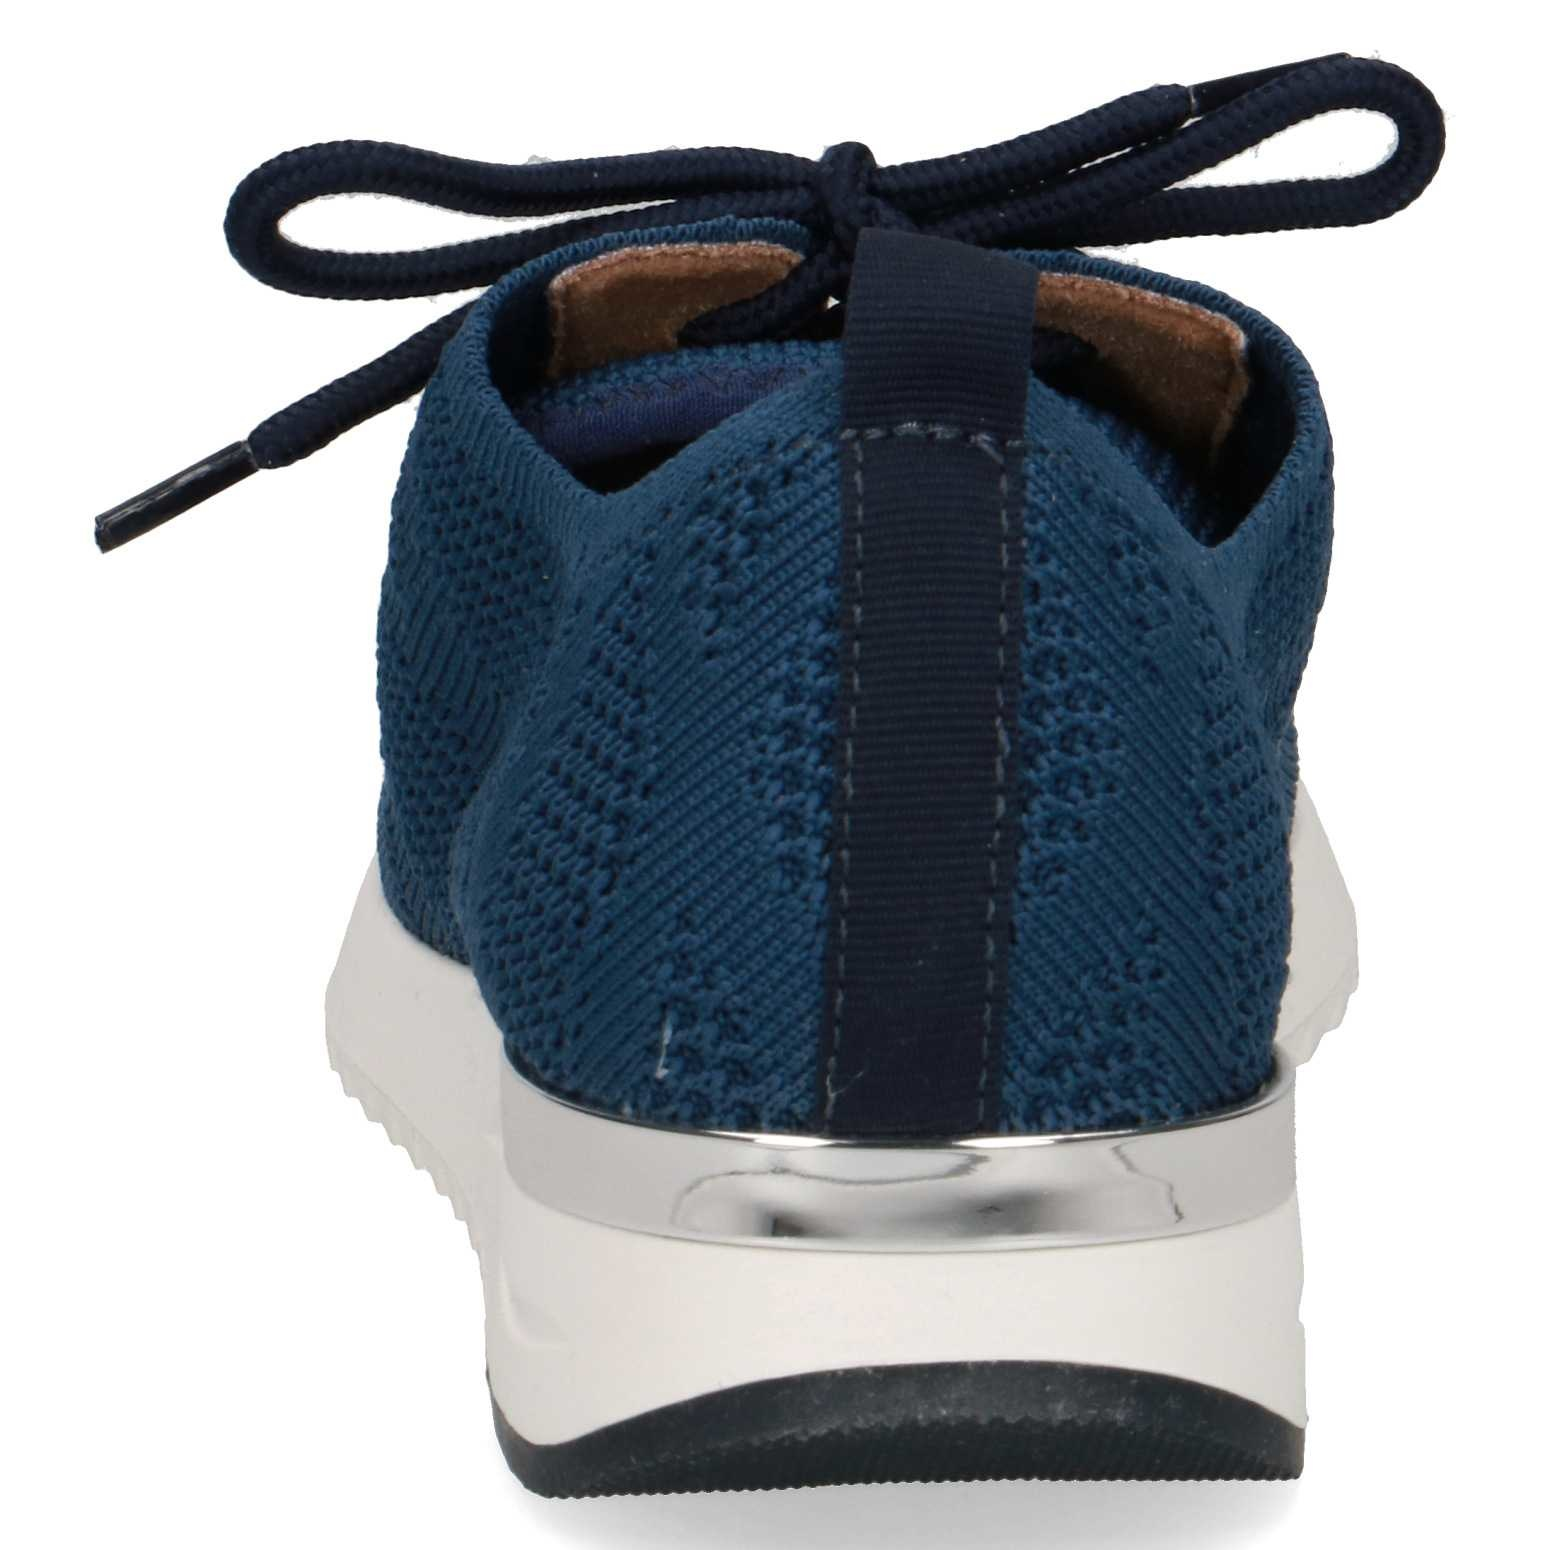 Caprice Caprice 23712 - navy - gebreide sneaker - veter